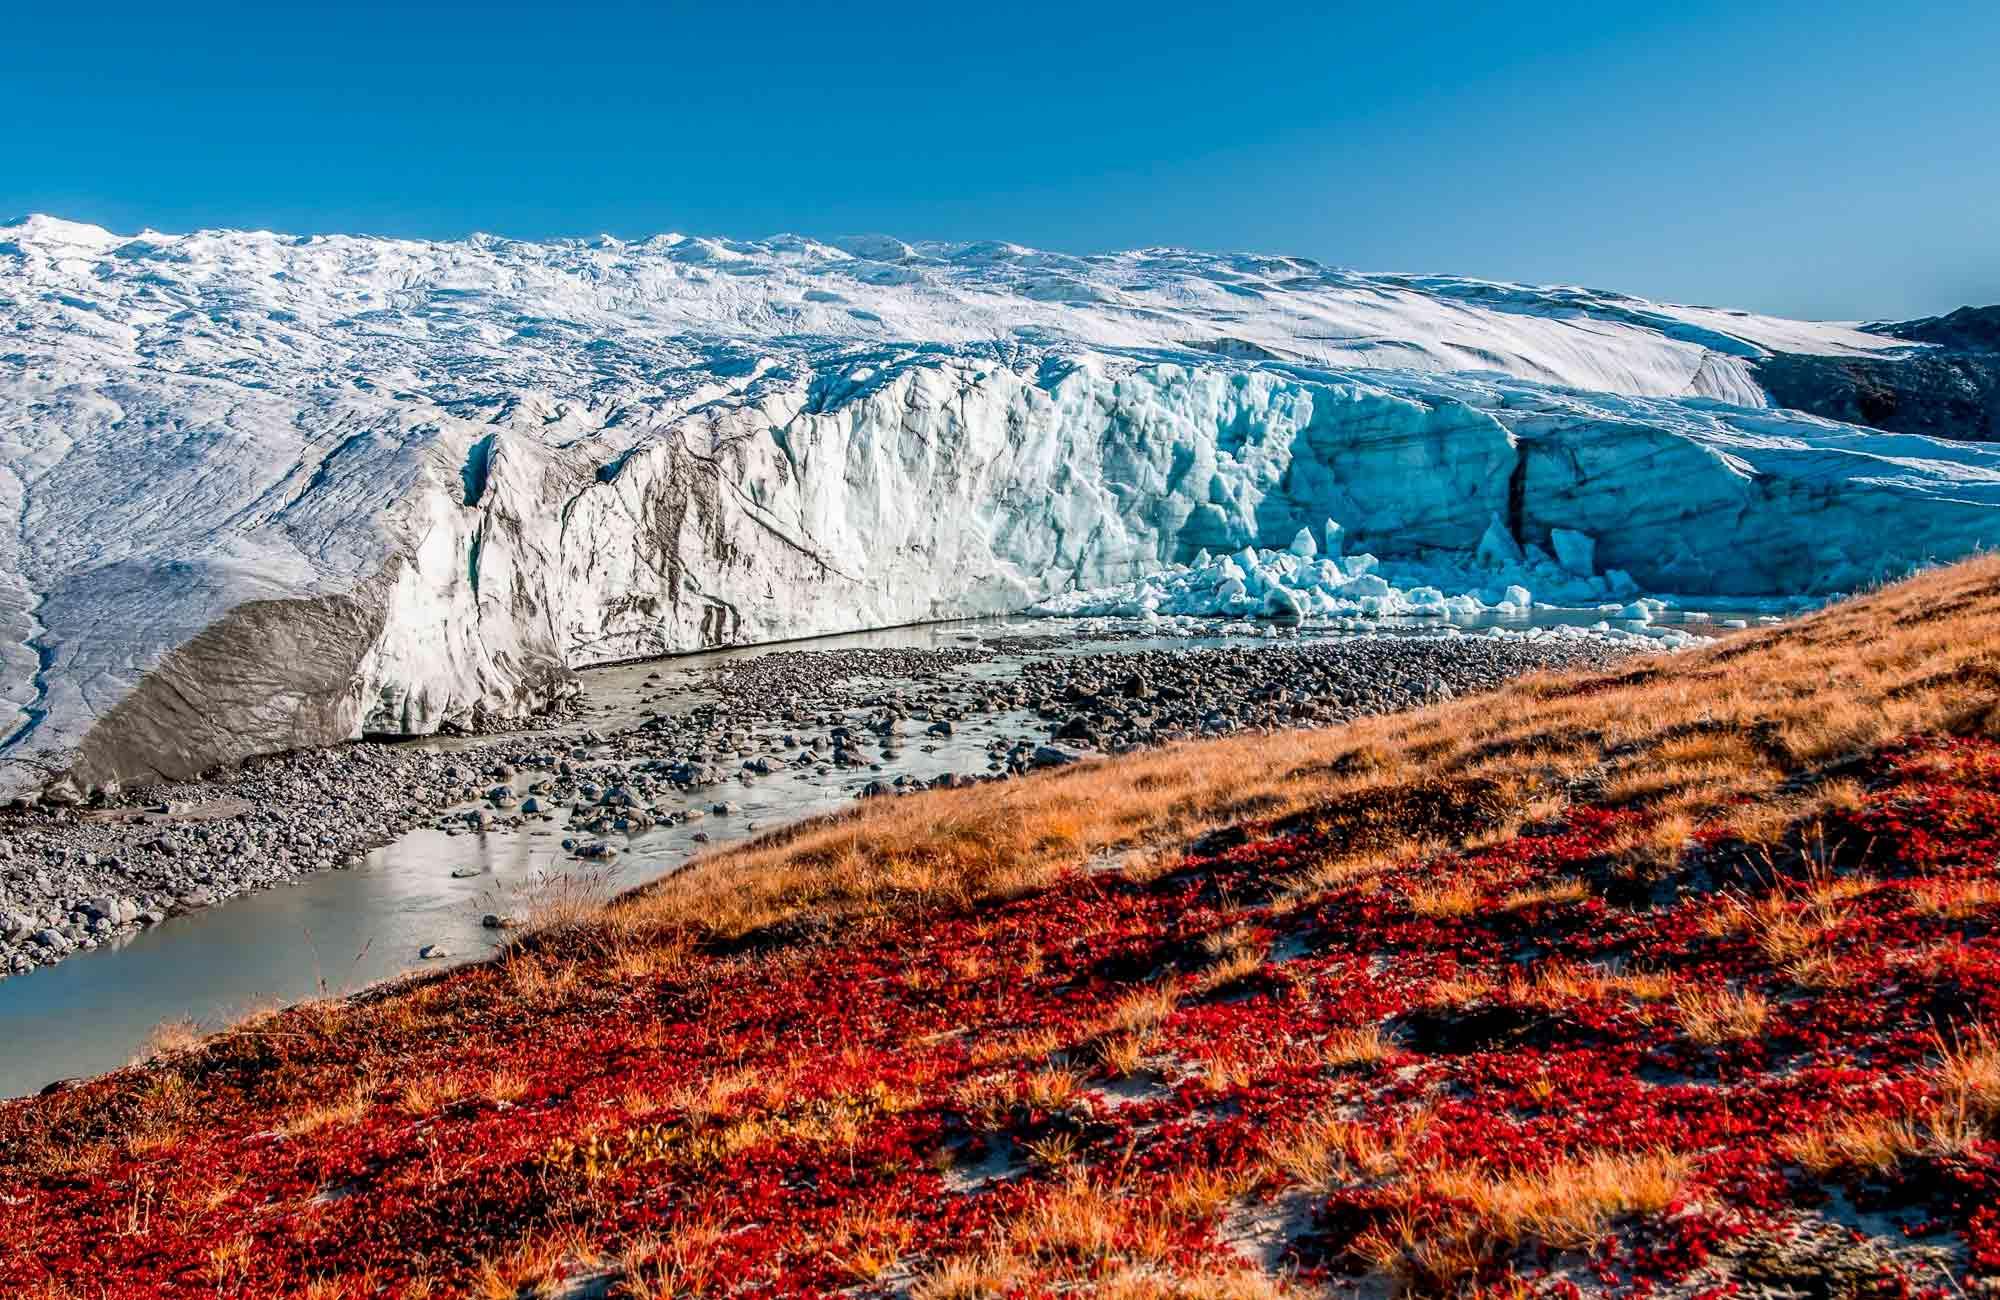 Voyage Groenland - Glacier et Toundra - Amplitudes